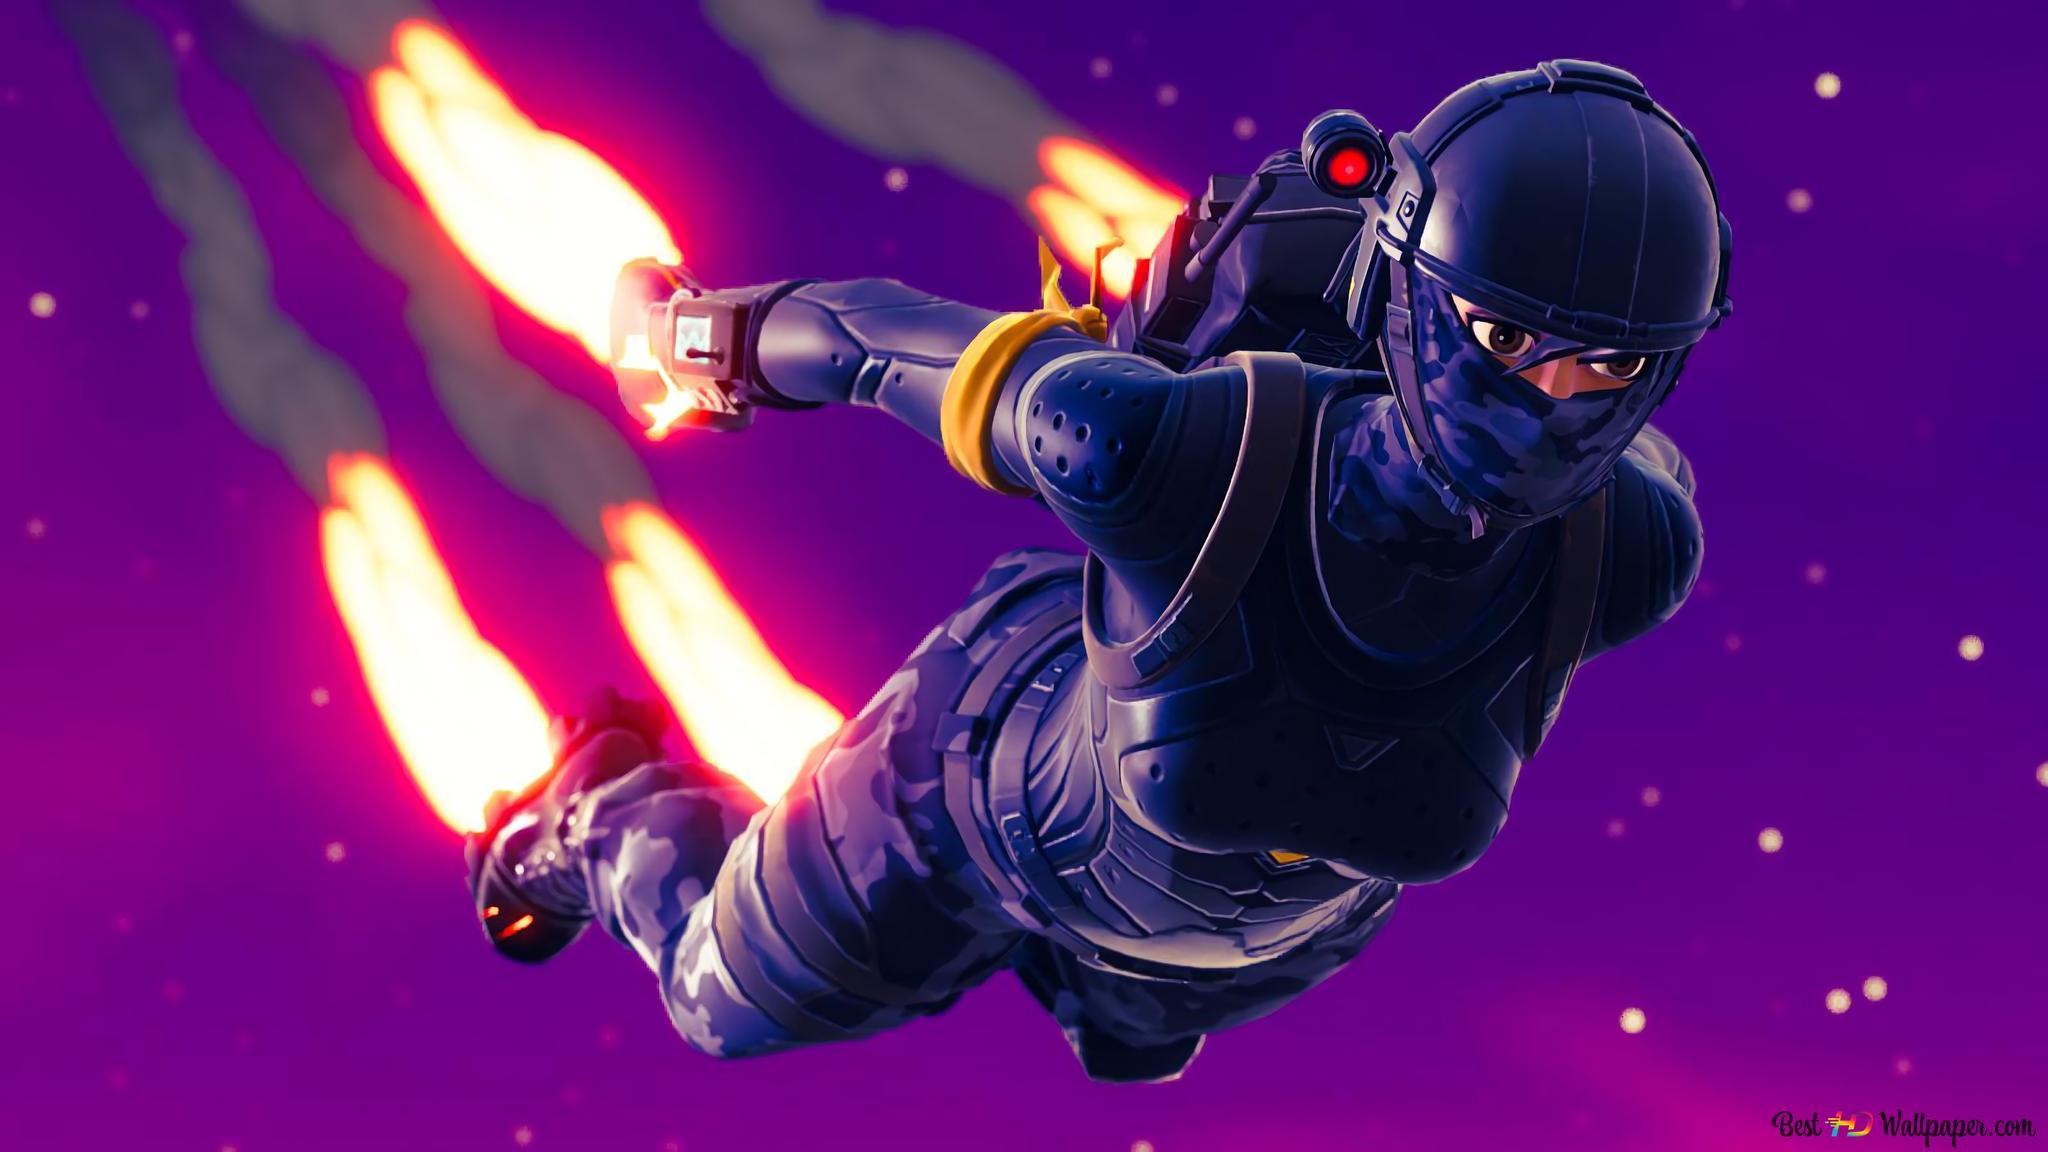 Fortnite Battle Royale Elite Agent Hd Wallpaper Download